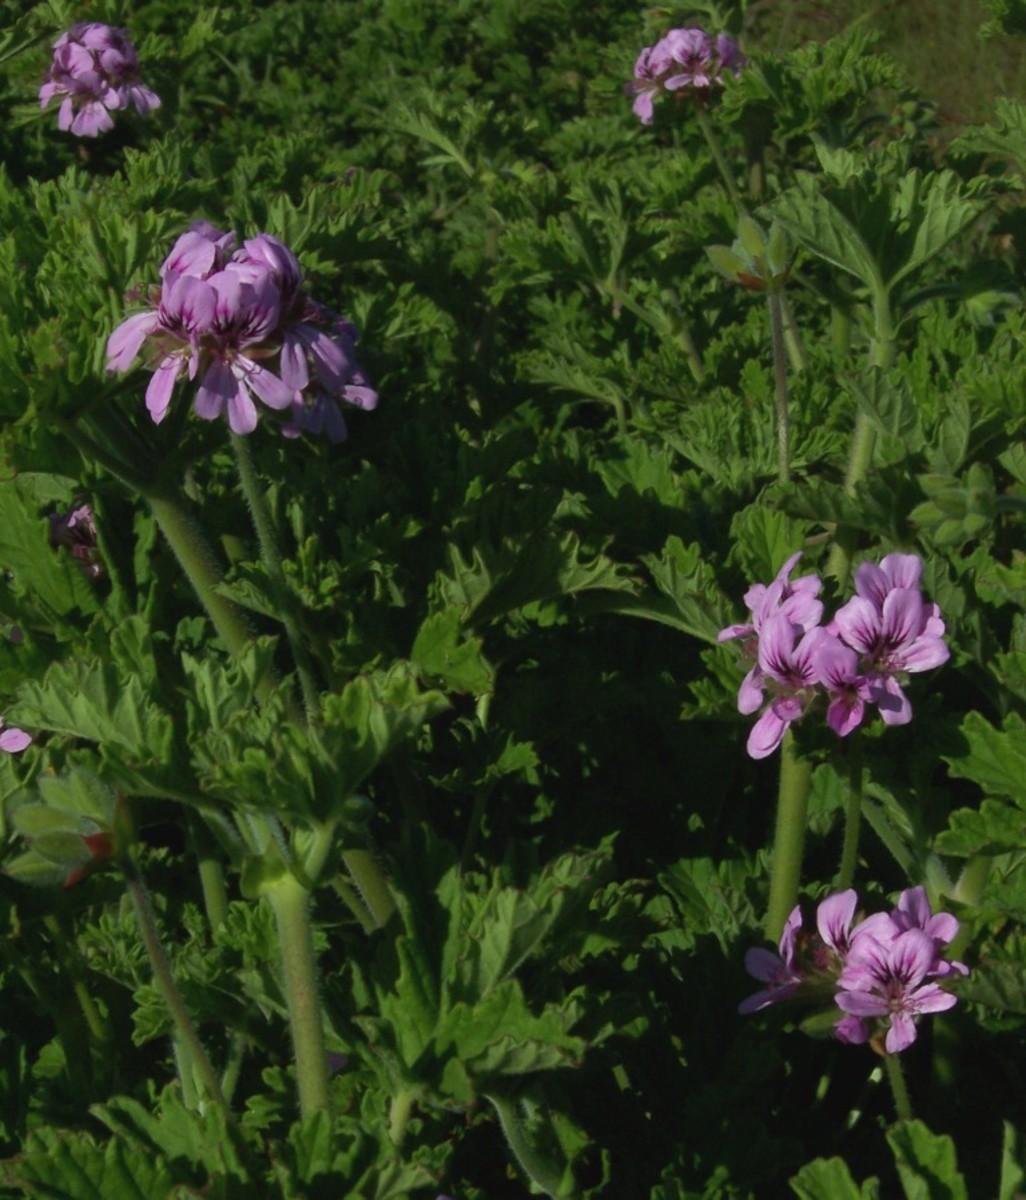 Rose Geranium (Pelargonium graveolens) one of ten species of geranium suitable for the production of essential oil.